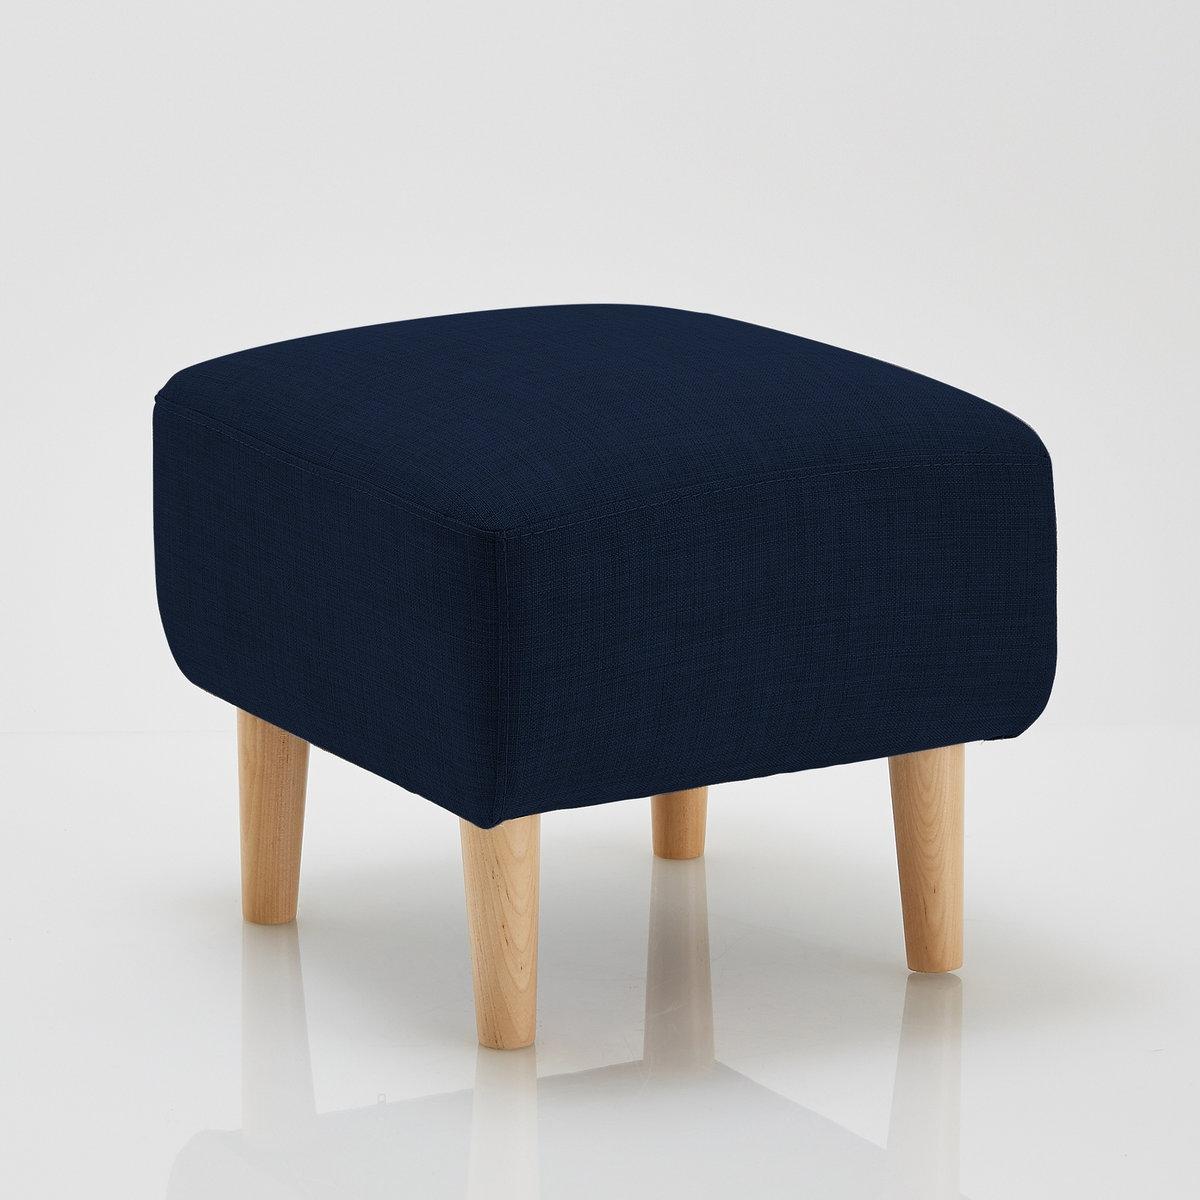 Подставка для ног JimiПодставка для ног Jimi . Из линейки мебели Jimi,эта подставка для ног или пуф предлагает вам вспомогательный практичный и удобный предмет мебели, выполненный в нордическом стиле, который создает очень уютную атмосферу \. Подходящие диван и кресла продаются на нашем сайте .Описание подставки для ног Jimi :Симпатичный широкий и удобный пуф квадратной формы.Характеристики подставки для ног  Jimi :Обивка :Слегка крапчатая ткань 90% полиэстера, 10% хлопка, несъемный чехол.Комфорт :Полиуретановый наполнитель 22 кг/м? (2 см), 30 кг/м? (5 см) и 16 кг/м? (1 см) + покрытие из полиэстеровых волокон.Характеристики: :Каркас из массива лиственницы и фанеры.На дуговых пружинах.Ножки из березы с НЦ-лакировкой, В15 см .Всю коллекцию Jimi вы можете найти на сайте laredoute.ruРазмеры подставки для ног Jimi :ОбщиеШирина : 47 смВысота : 39 смГлубина : 42 смСиденье : выс. 39 см.Размеры и вес ящика :1 посылка50 x 47 x 26 см.  8 кг.Доставка :Подставка для ног Jimi продается с отвинченными ножками.  Доставка до квартиры!Внимание ! Убедитесь, что посылку возможно доставить на дом, учитывая ее габариты.<br><br>Цвет: антрацит,розовый,светло-серый,синий,темно-синий